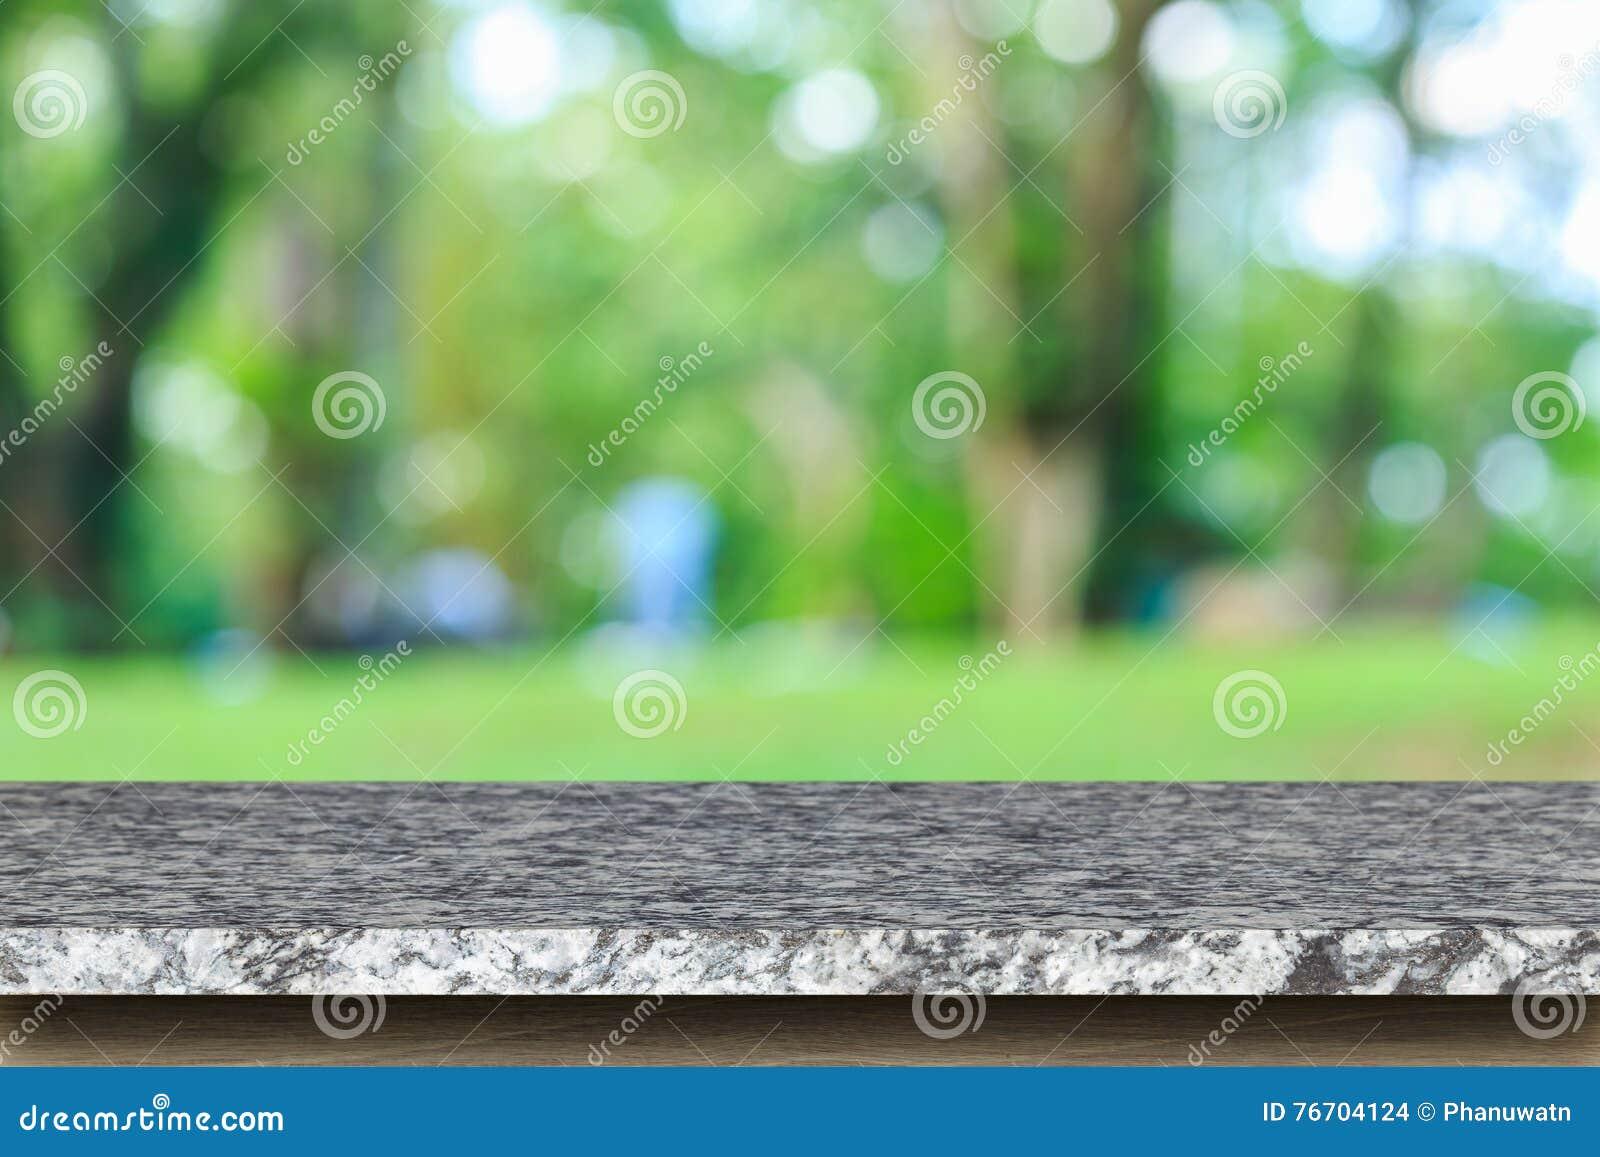 自然石桌和摘要空的上面弄脏与bokeh